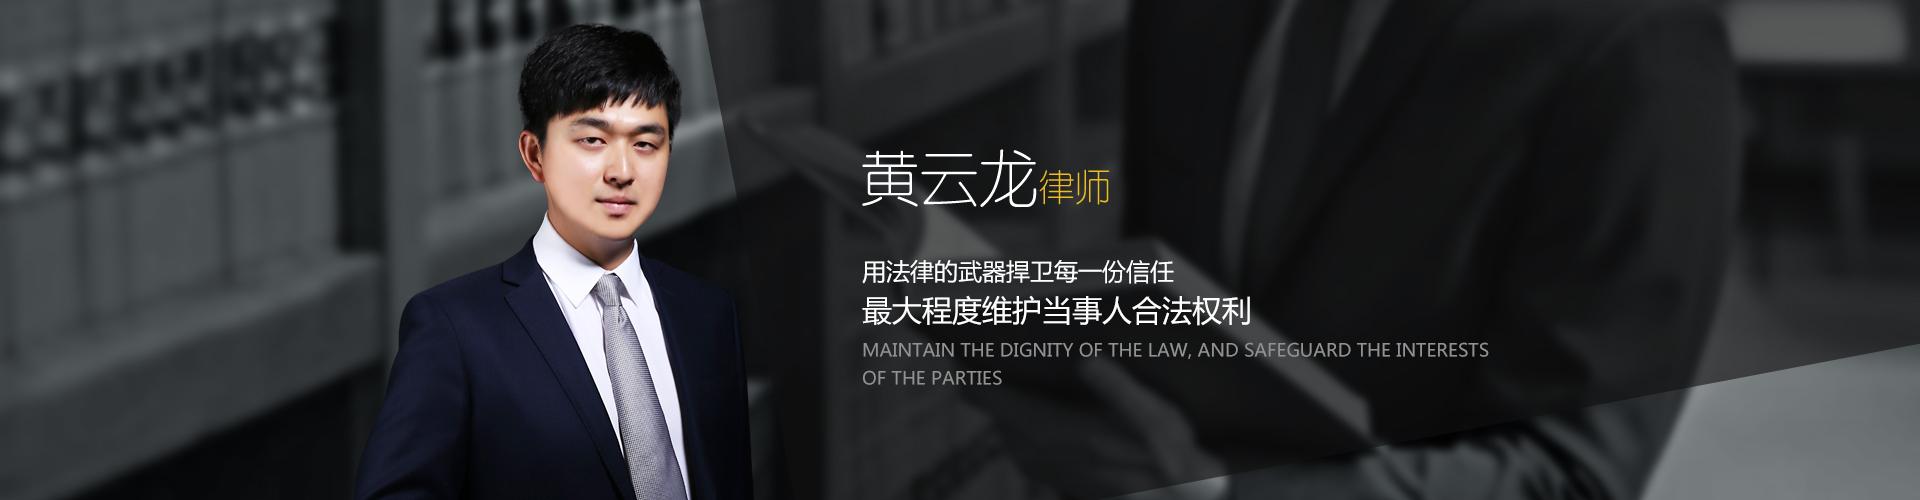 云南刑事辩护服务网